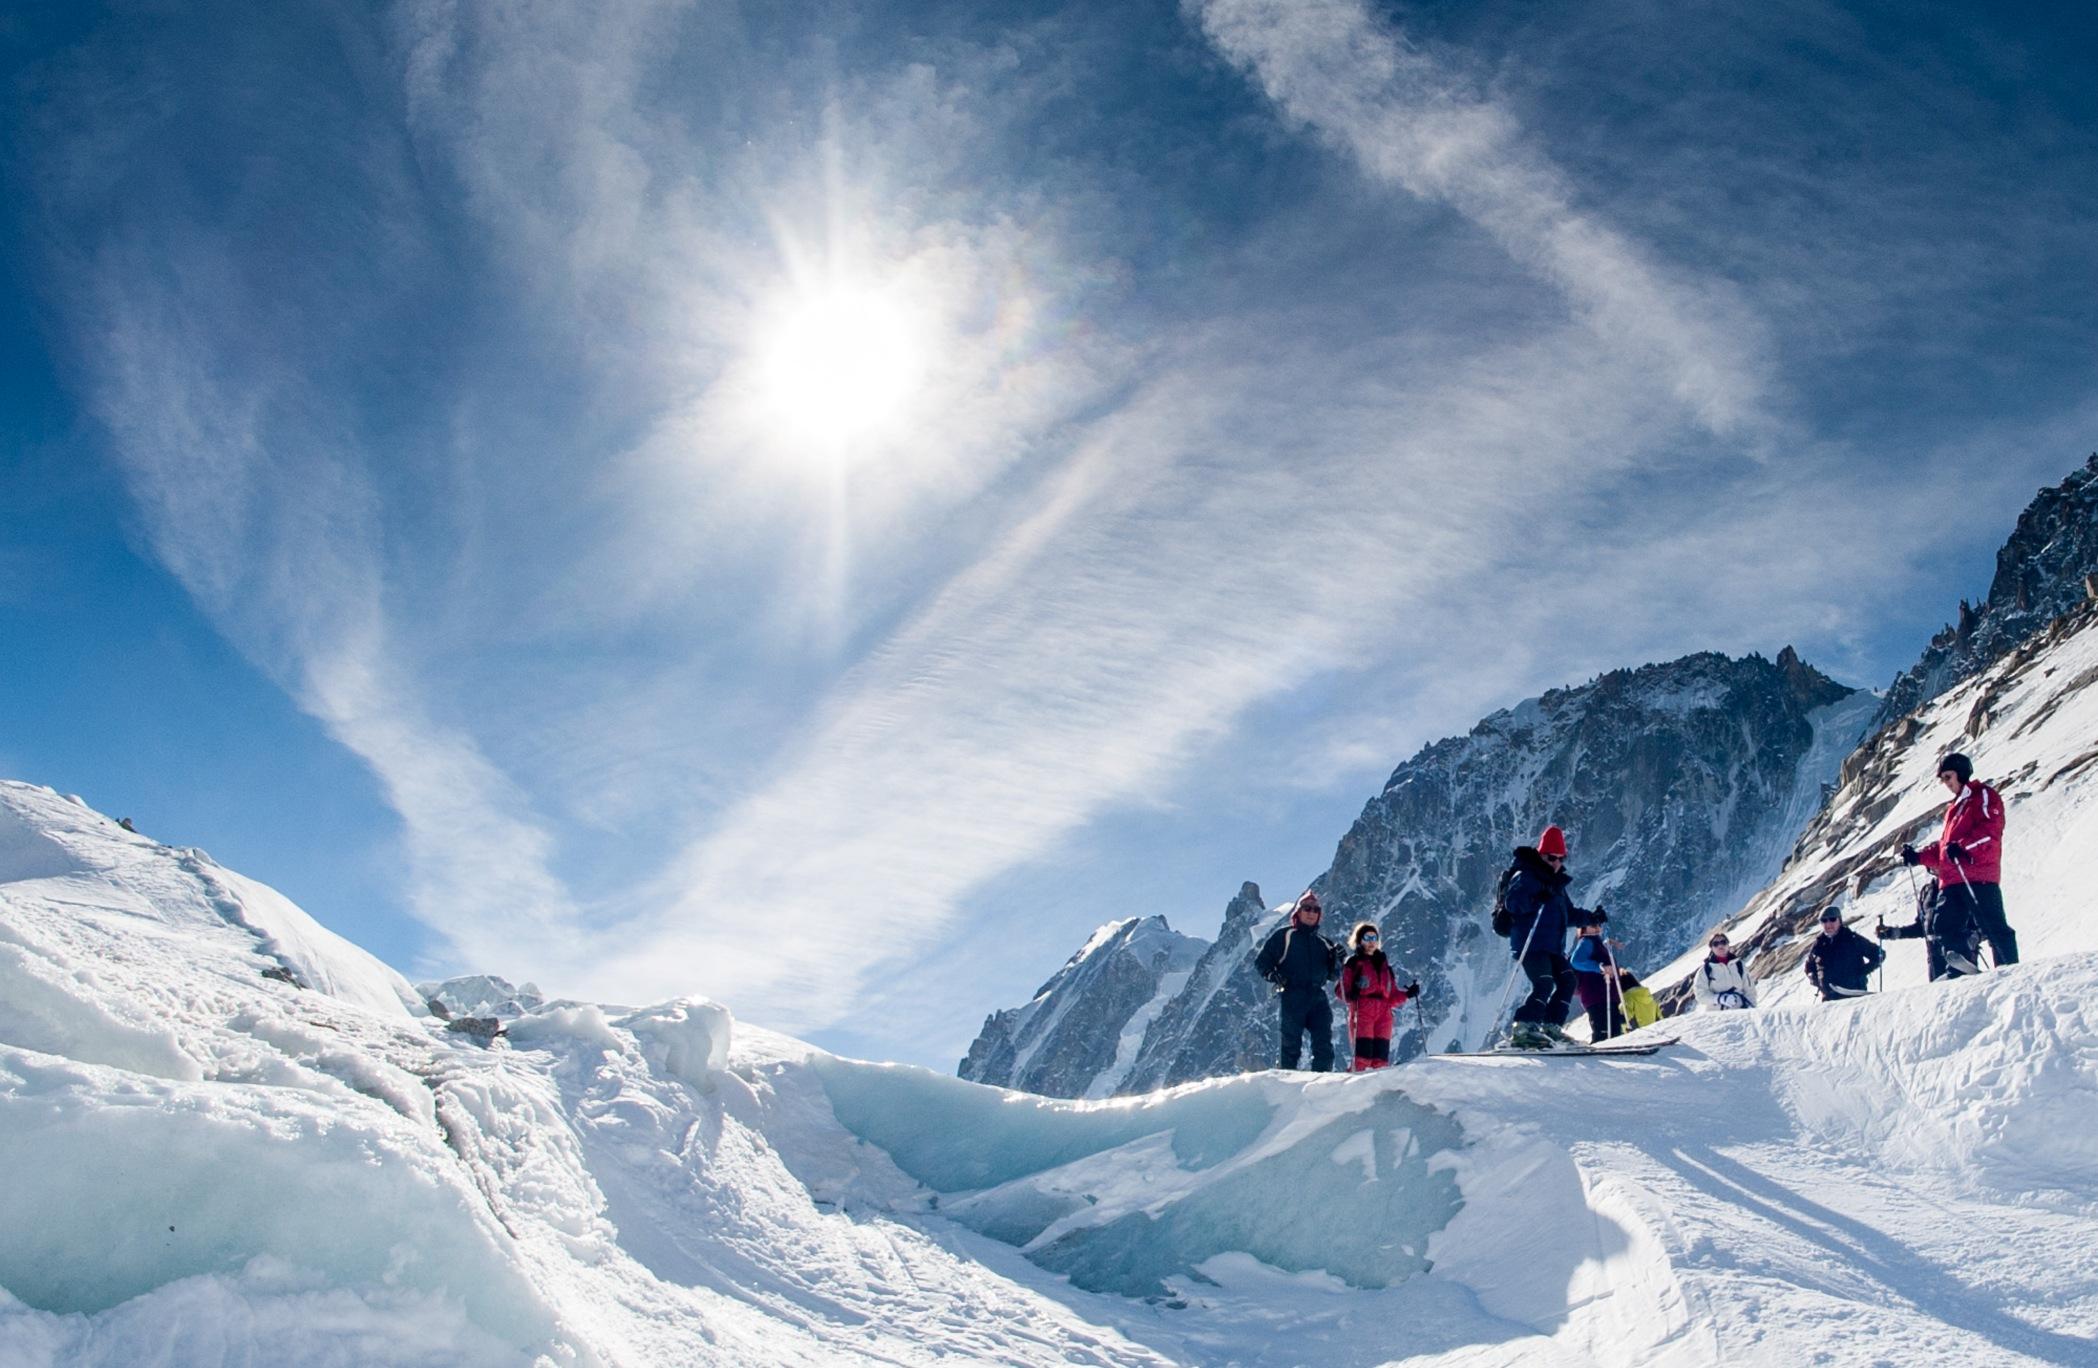 gornolyzhniki v snegu